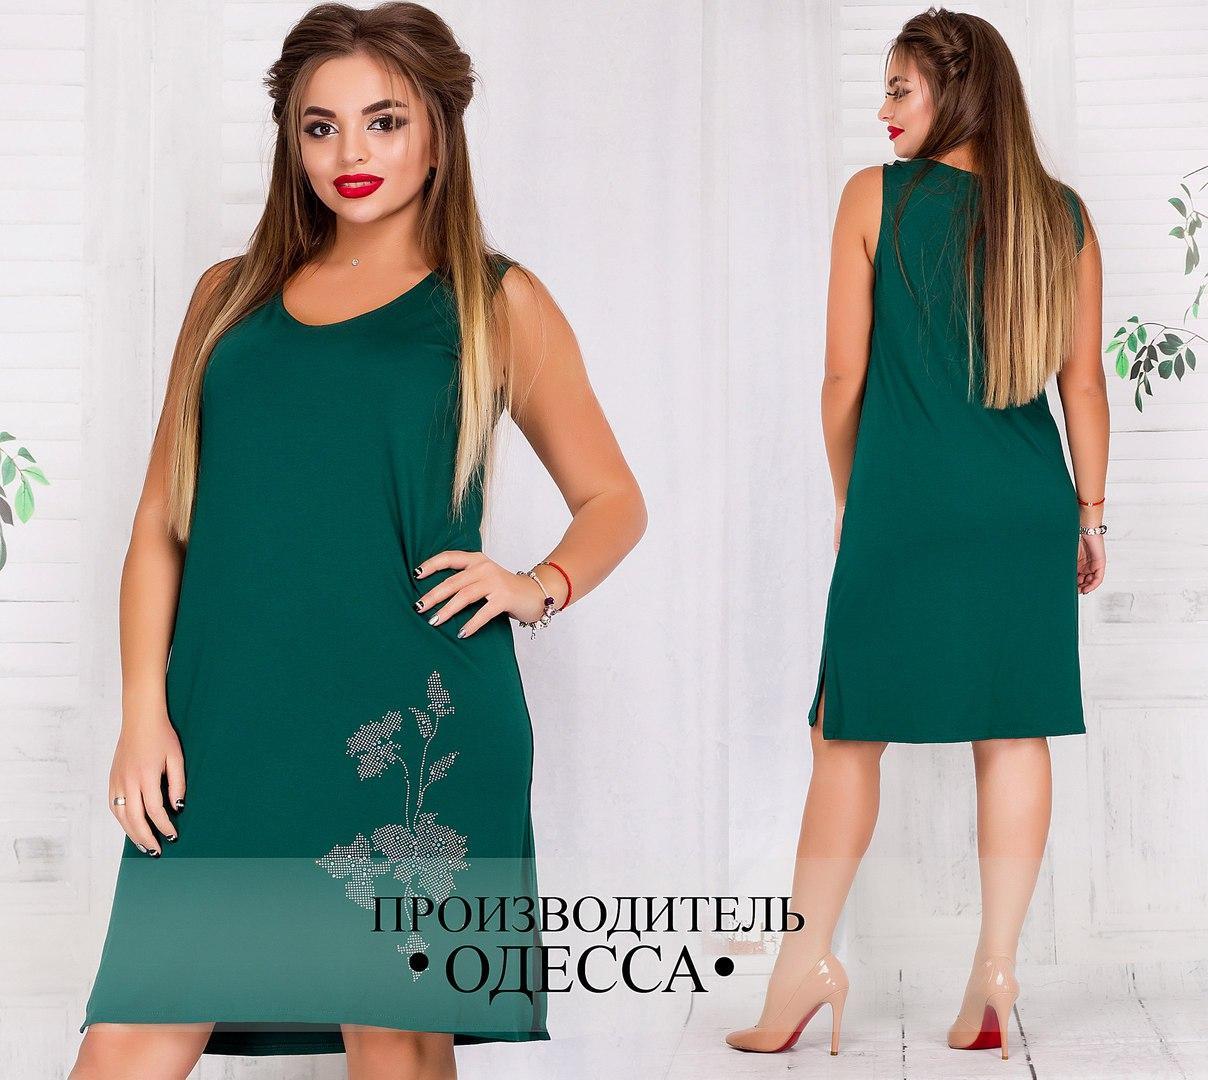 Нарядные платья интернет магазин доставка